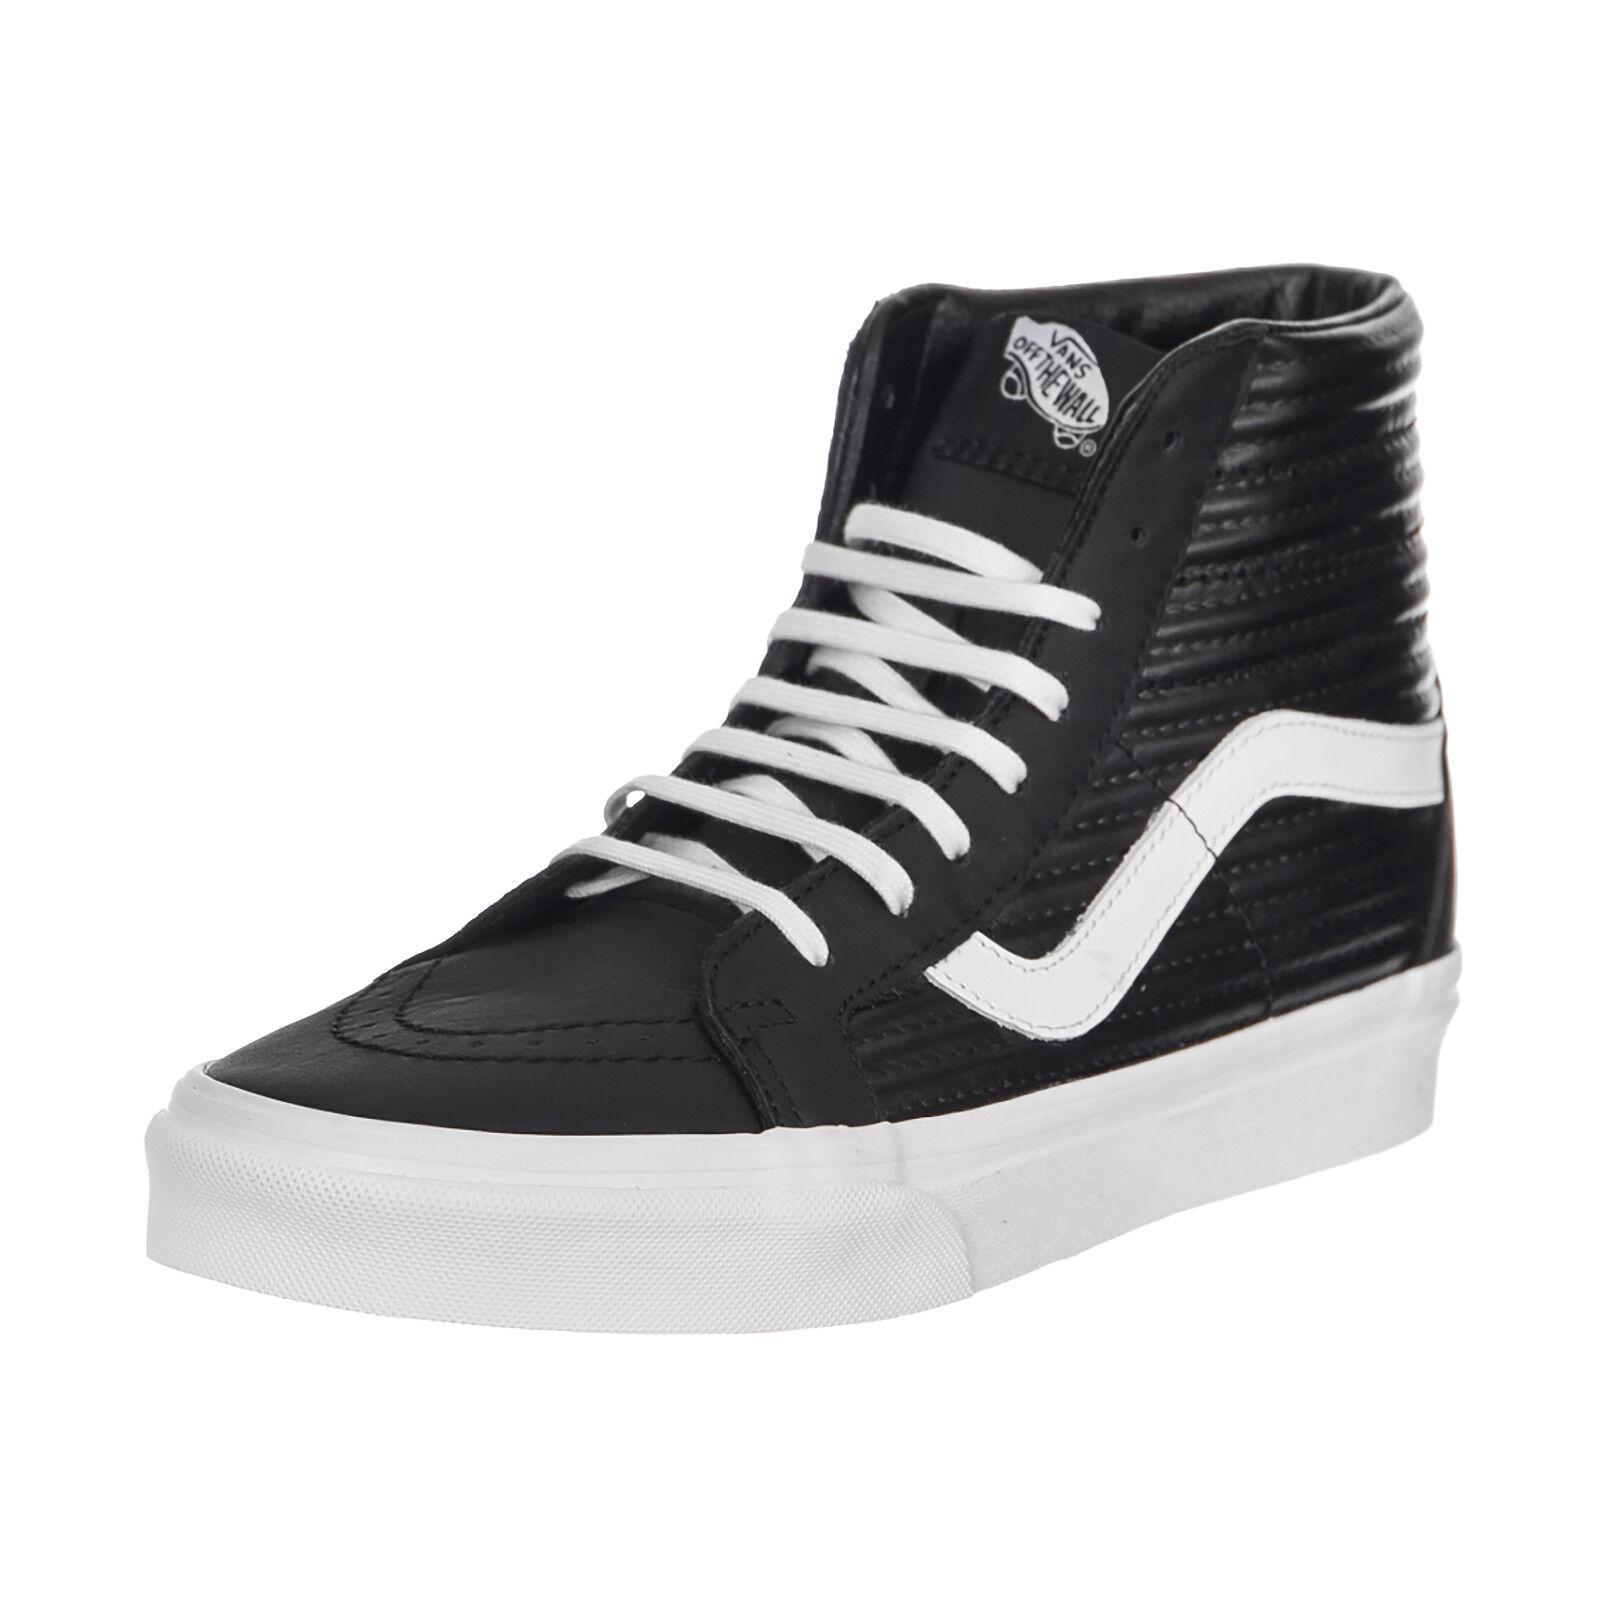 850e84f6ab VANS Sk8 Hi Reissue Moto Leather Black blanc De Blanc Women s Shoes Size 8  for sale online